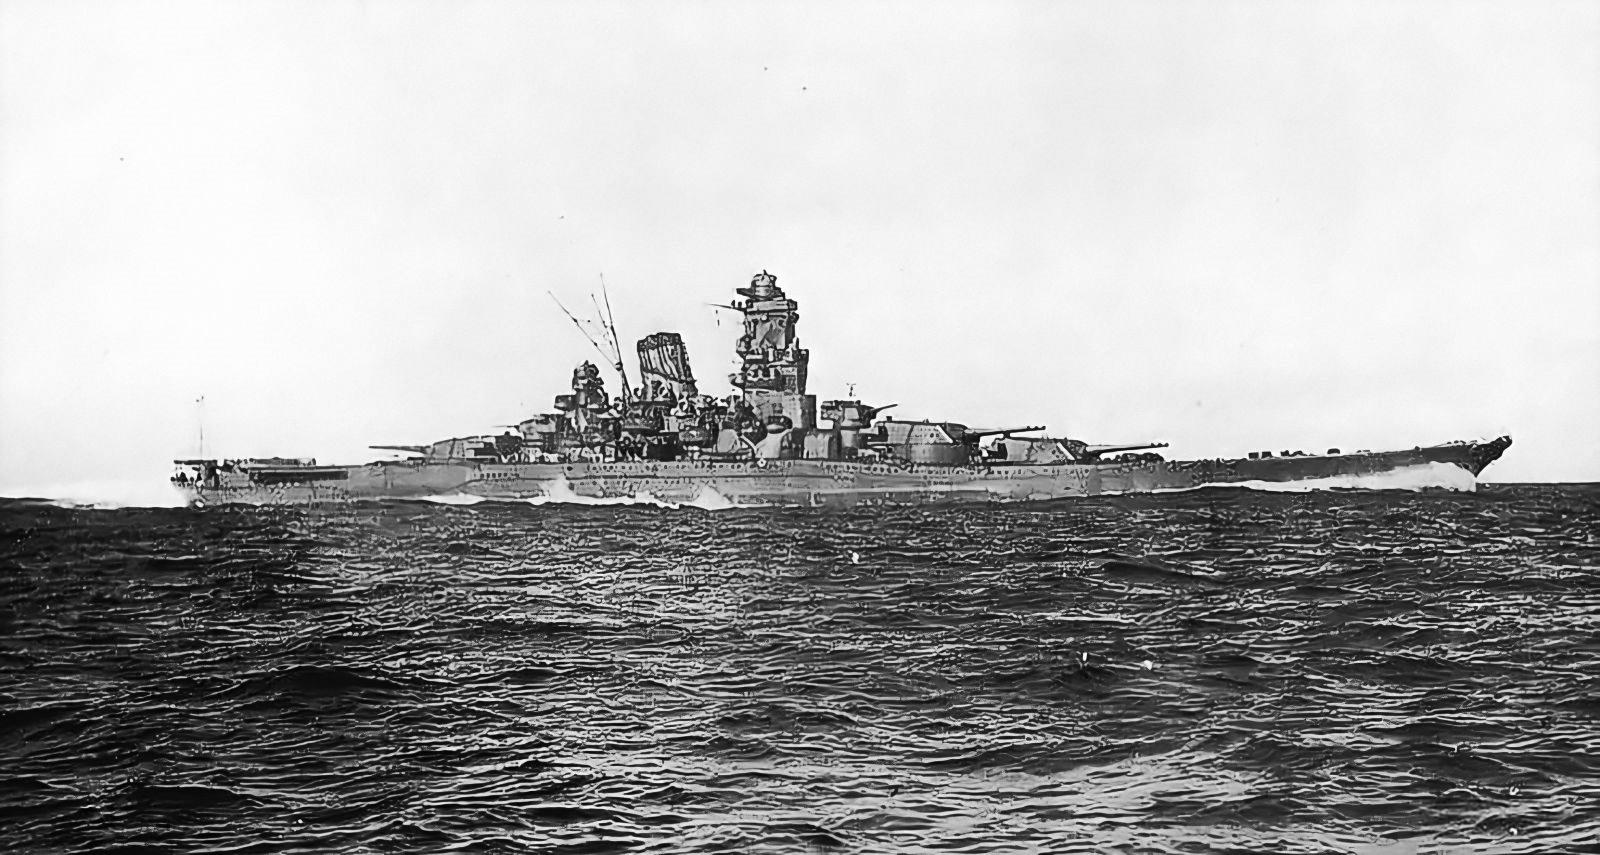 Yamato-class battleship - Wikipedia